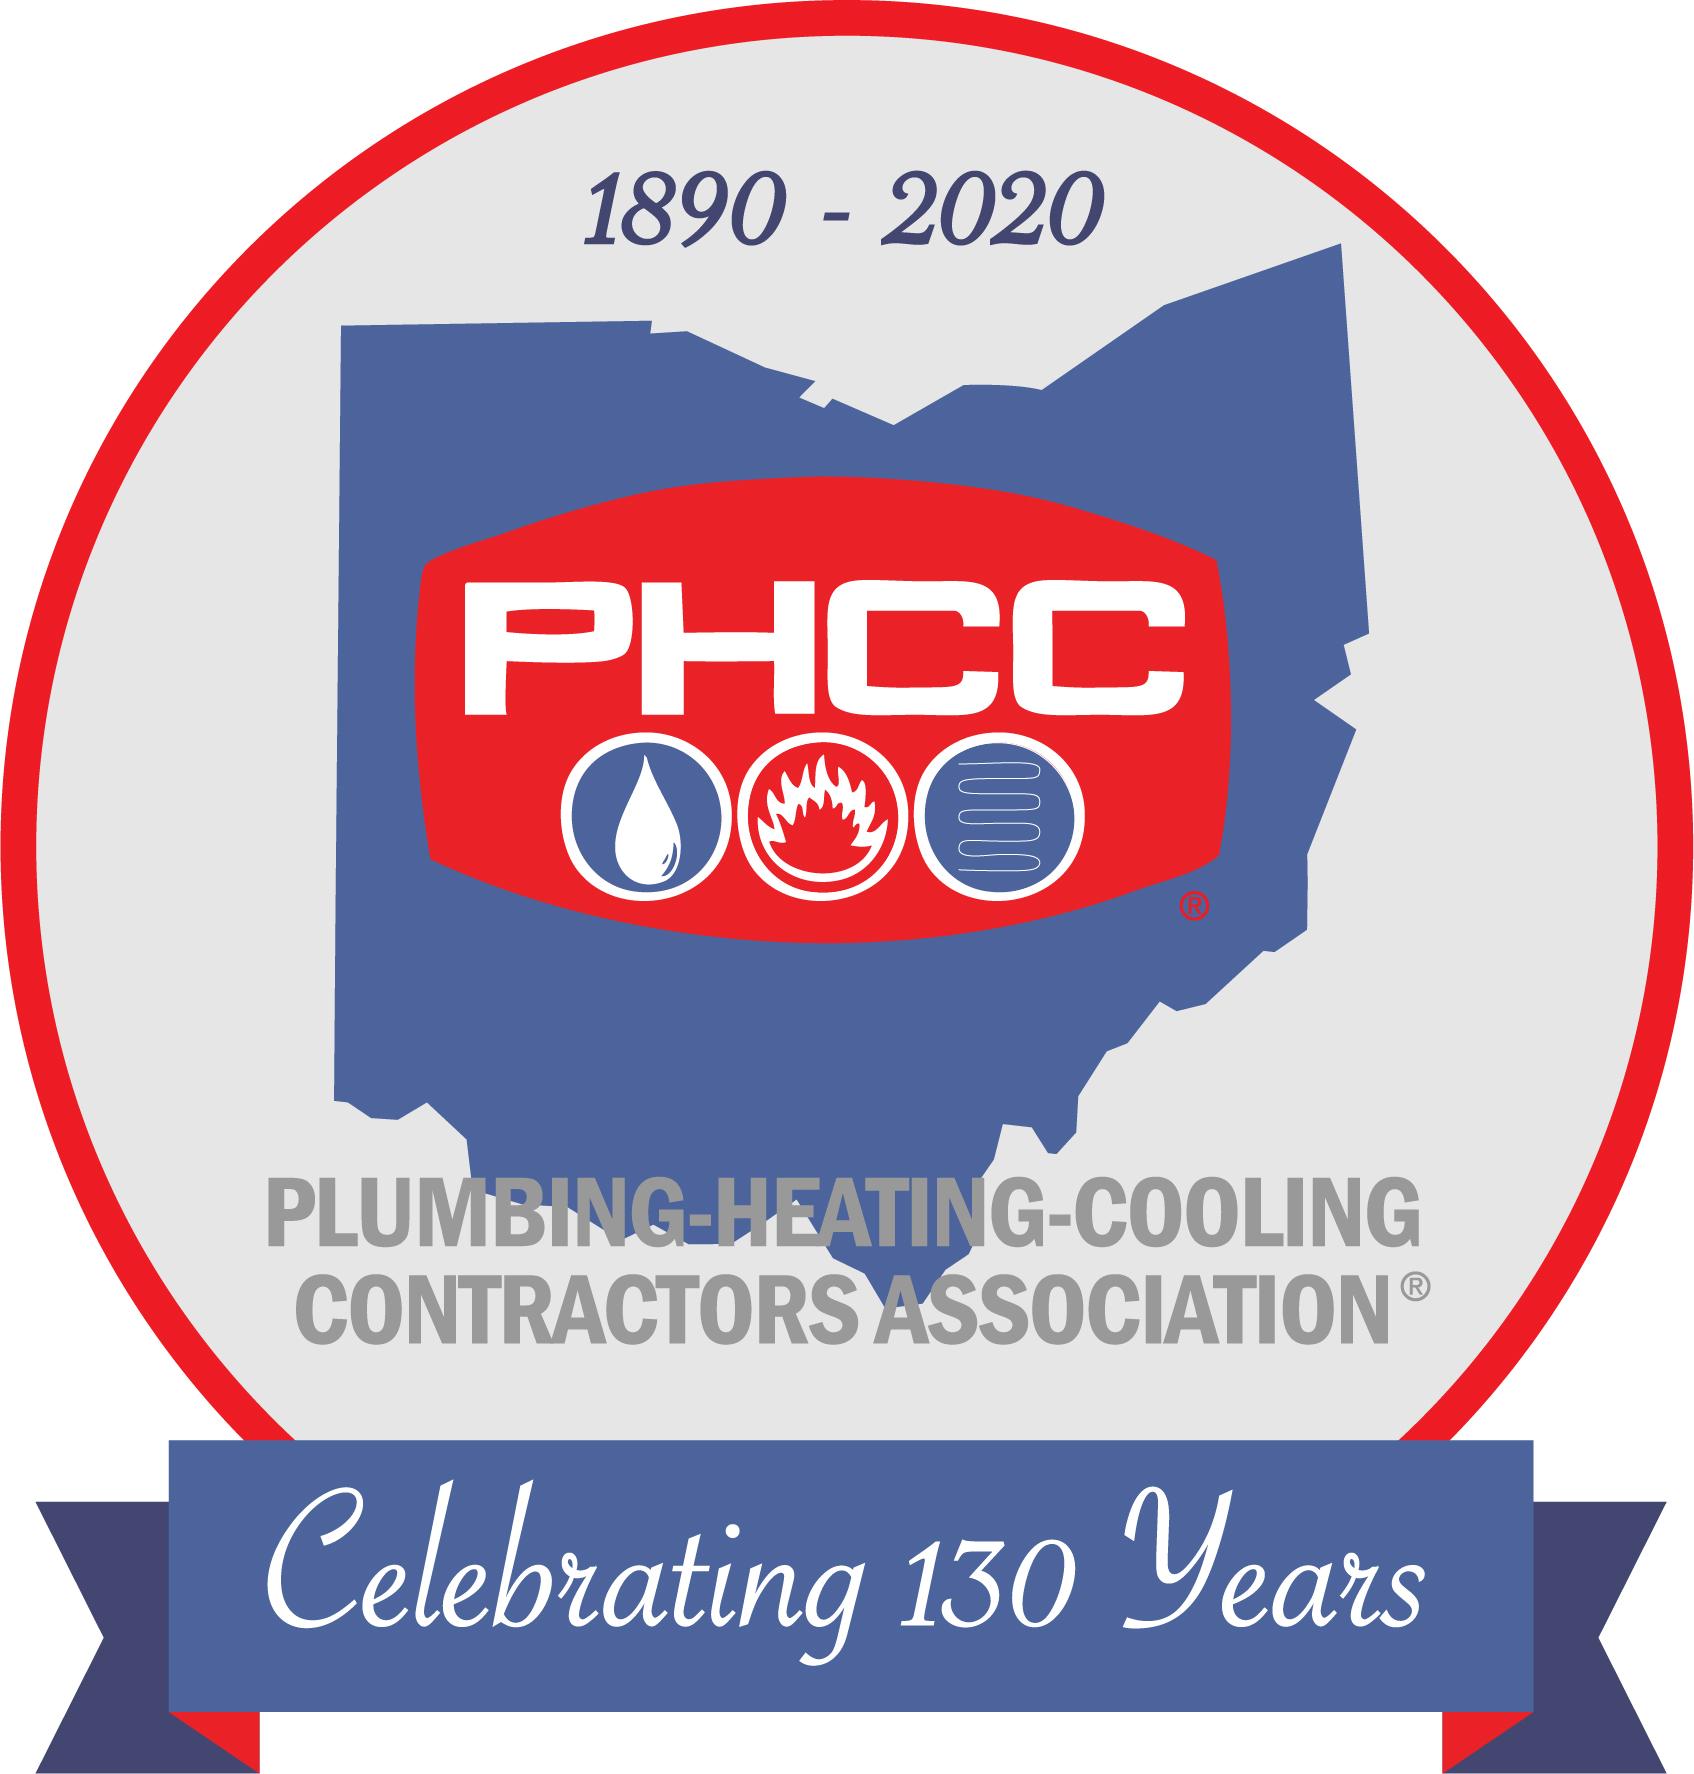 PHCC Ohio